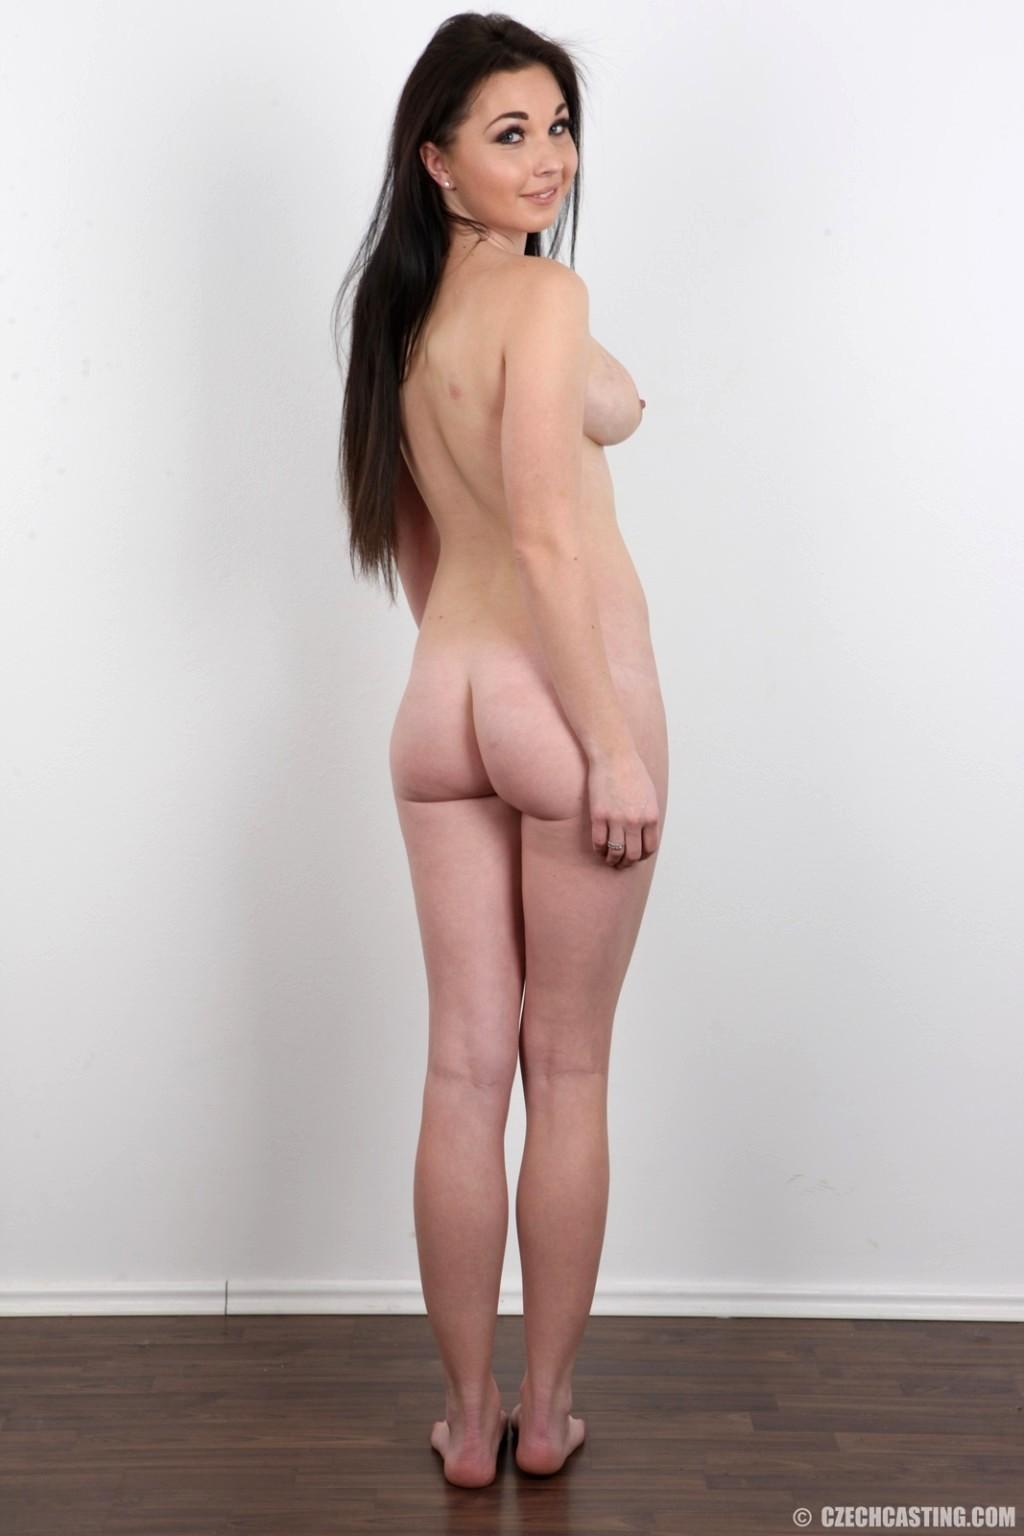 Schoolgirl casting